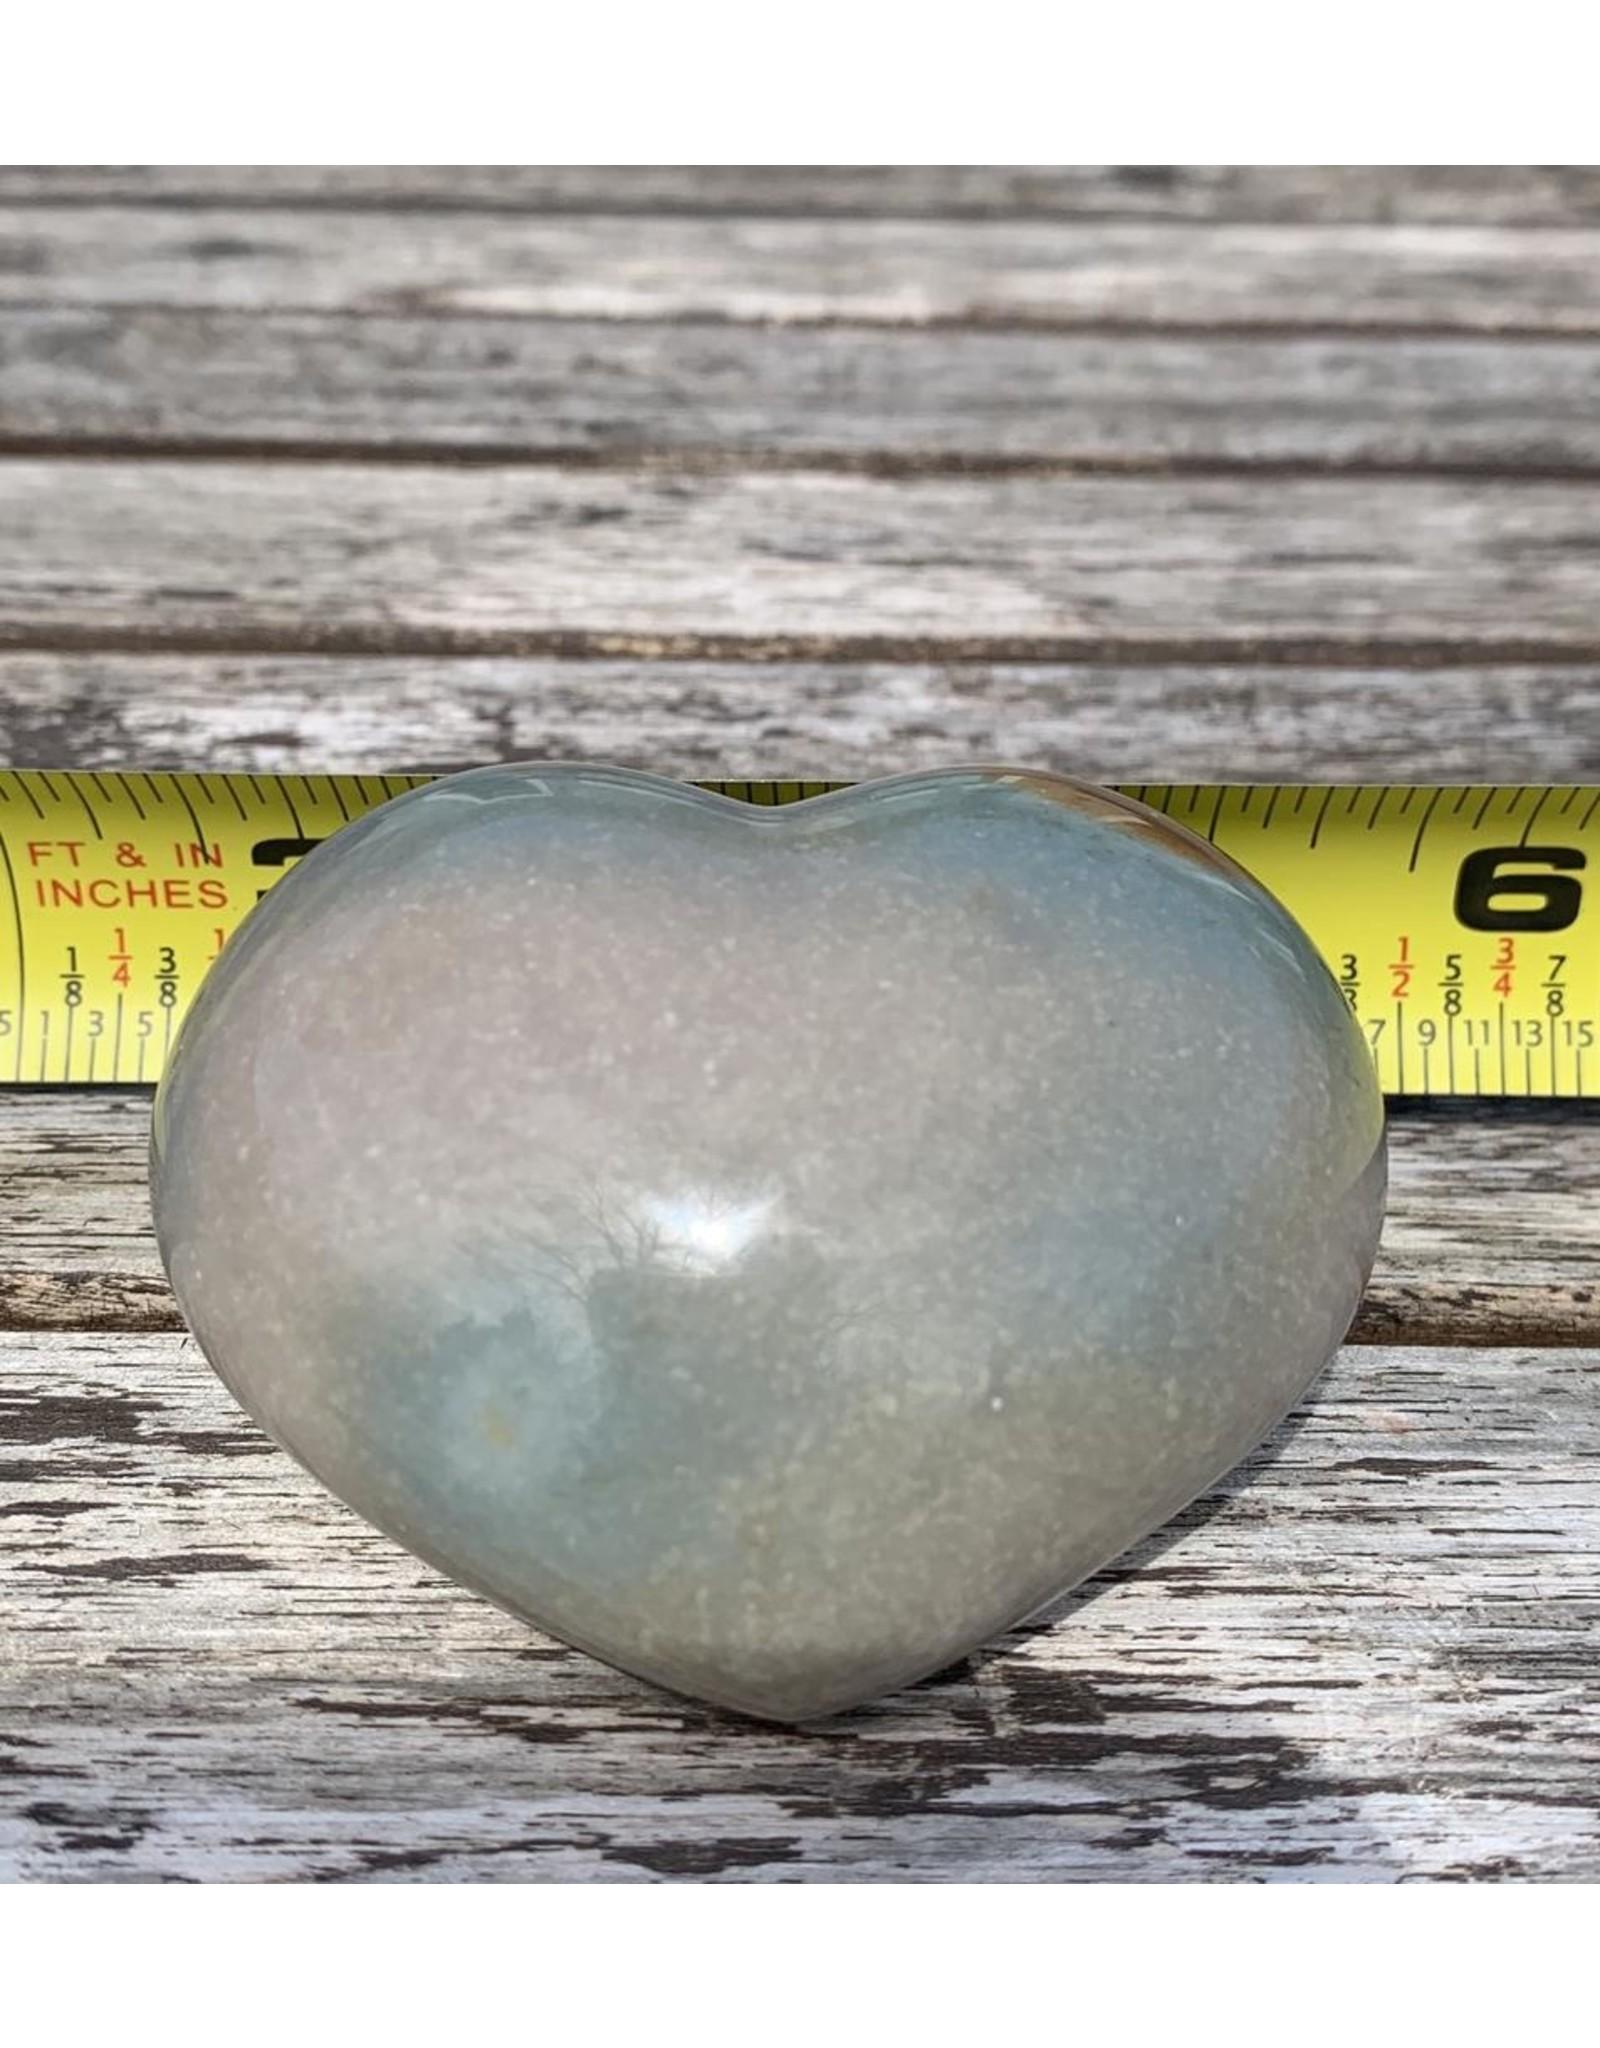 Polished Polychrome Jasper Heart